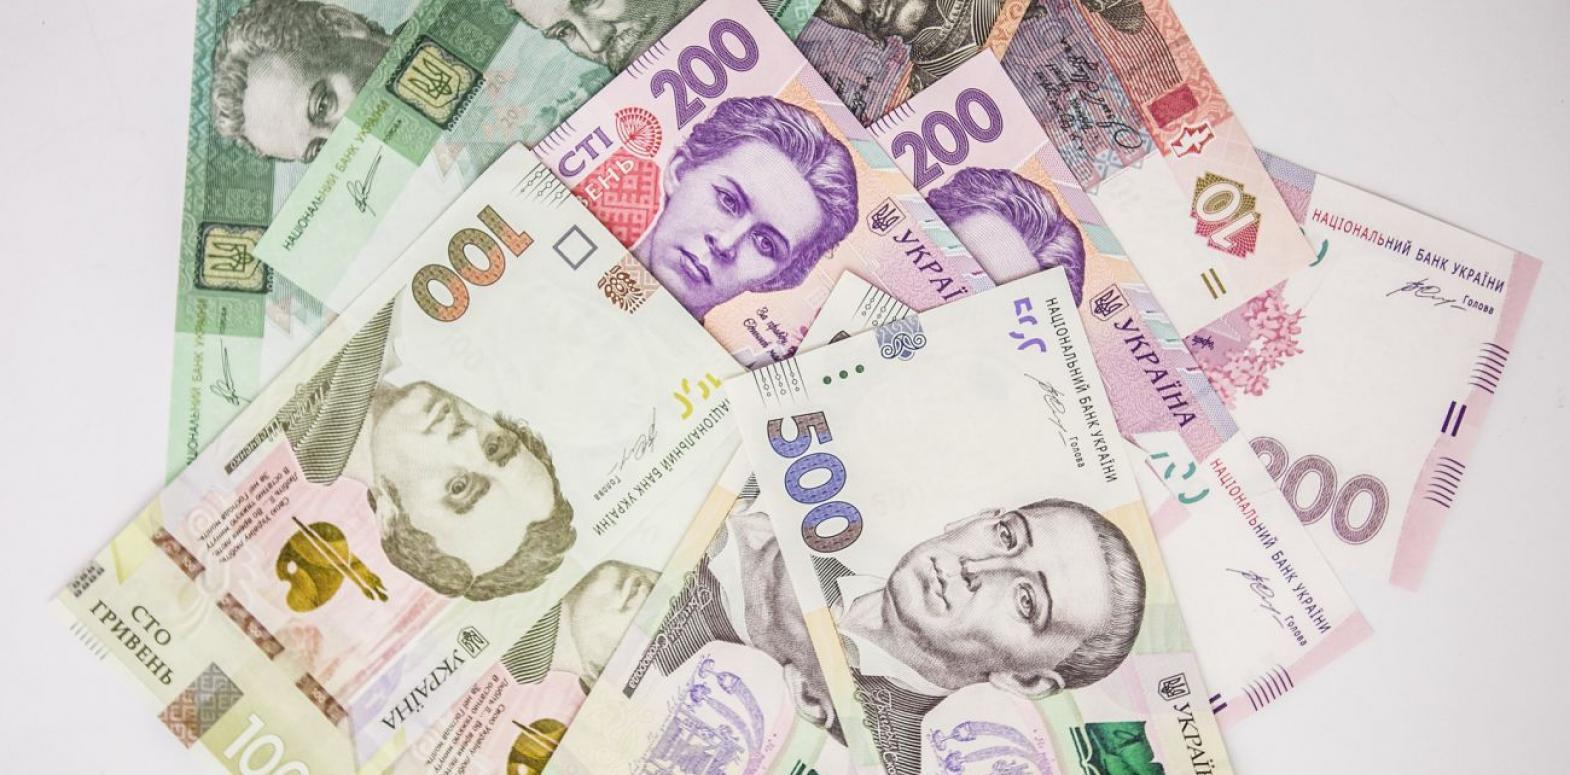 Минфин расширил список банков для выплаты пенсий